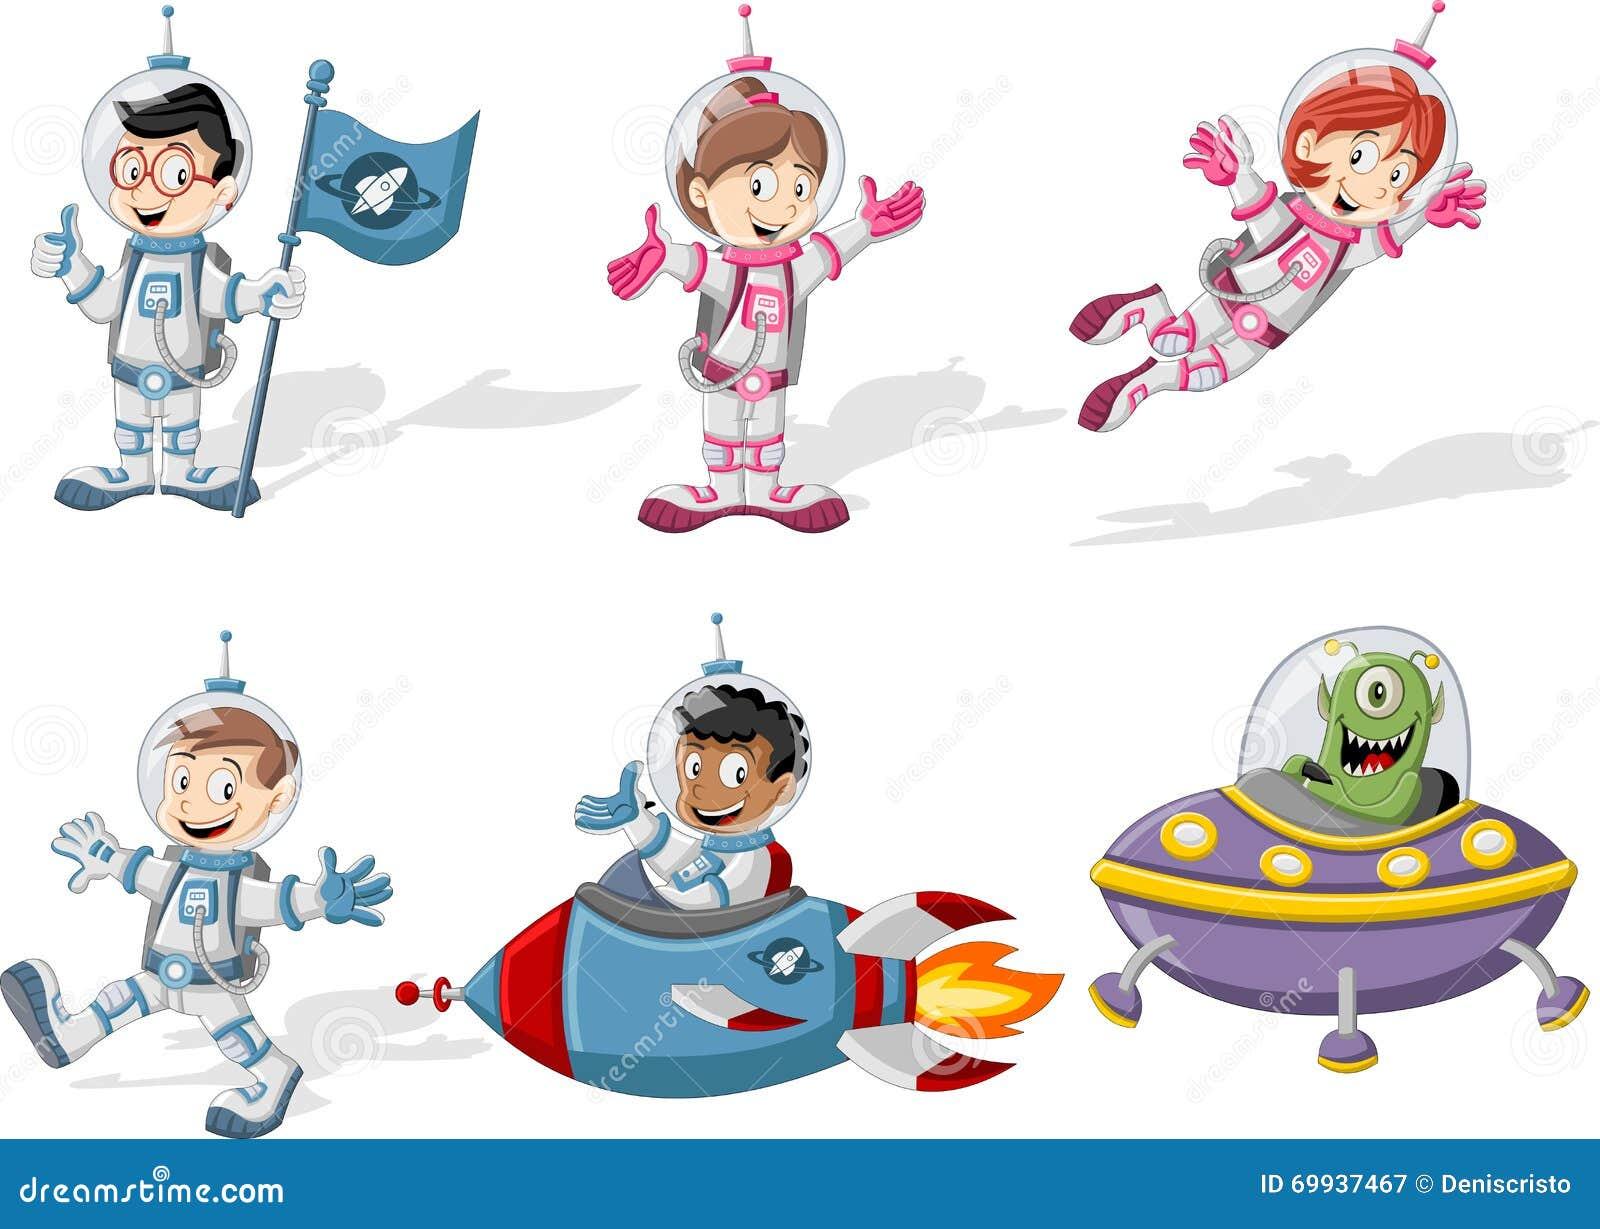 Personnages de dessin anim d 39 astronaute illustration de vecteur image 69937467 - Dessin d astronaute ...